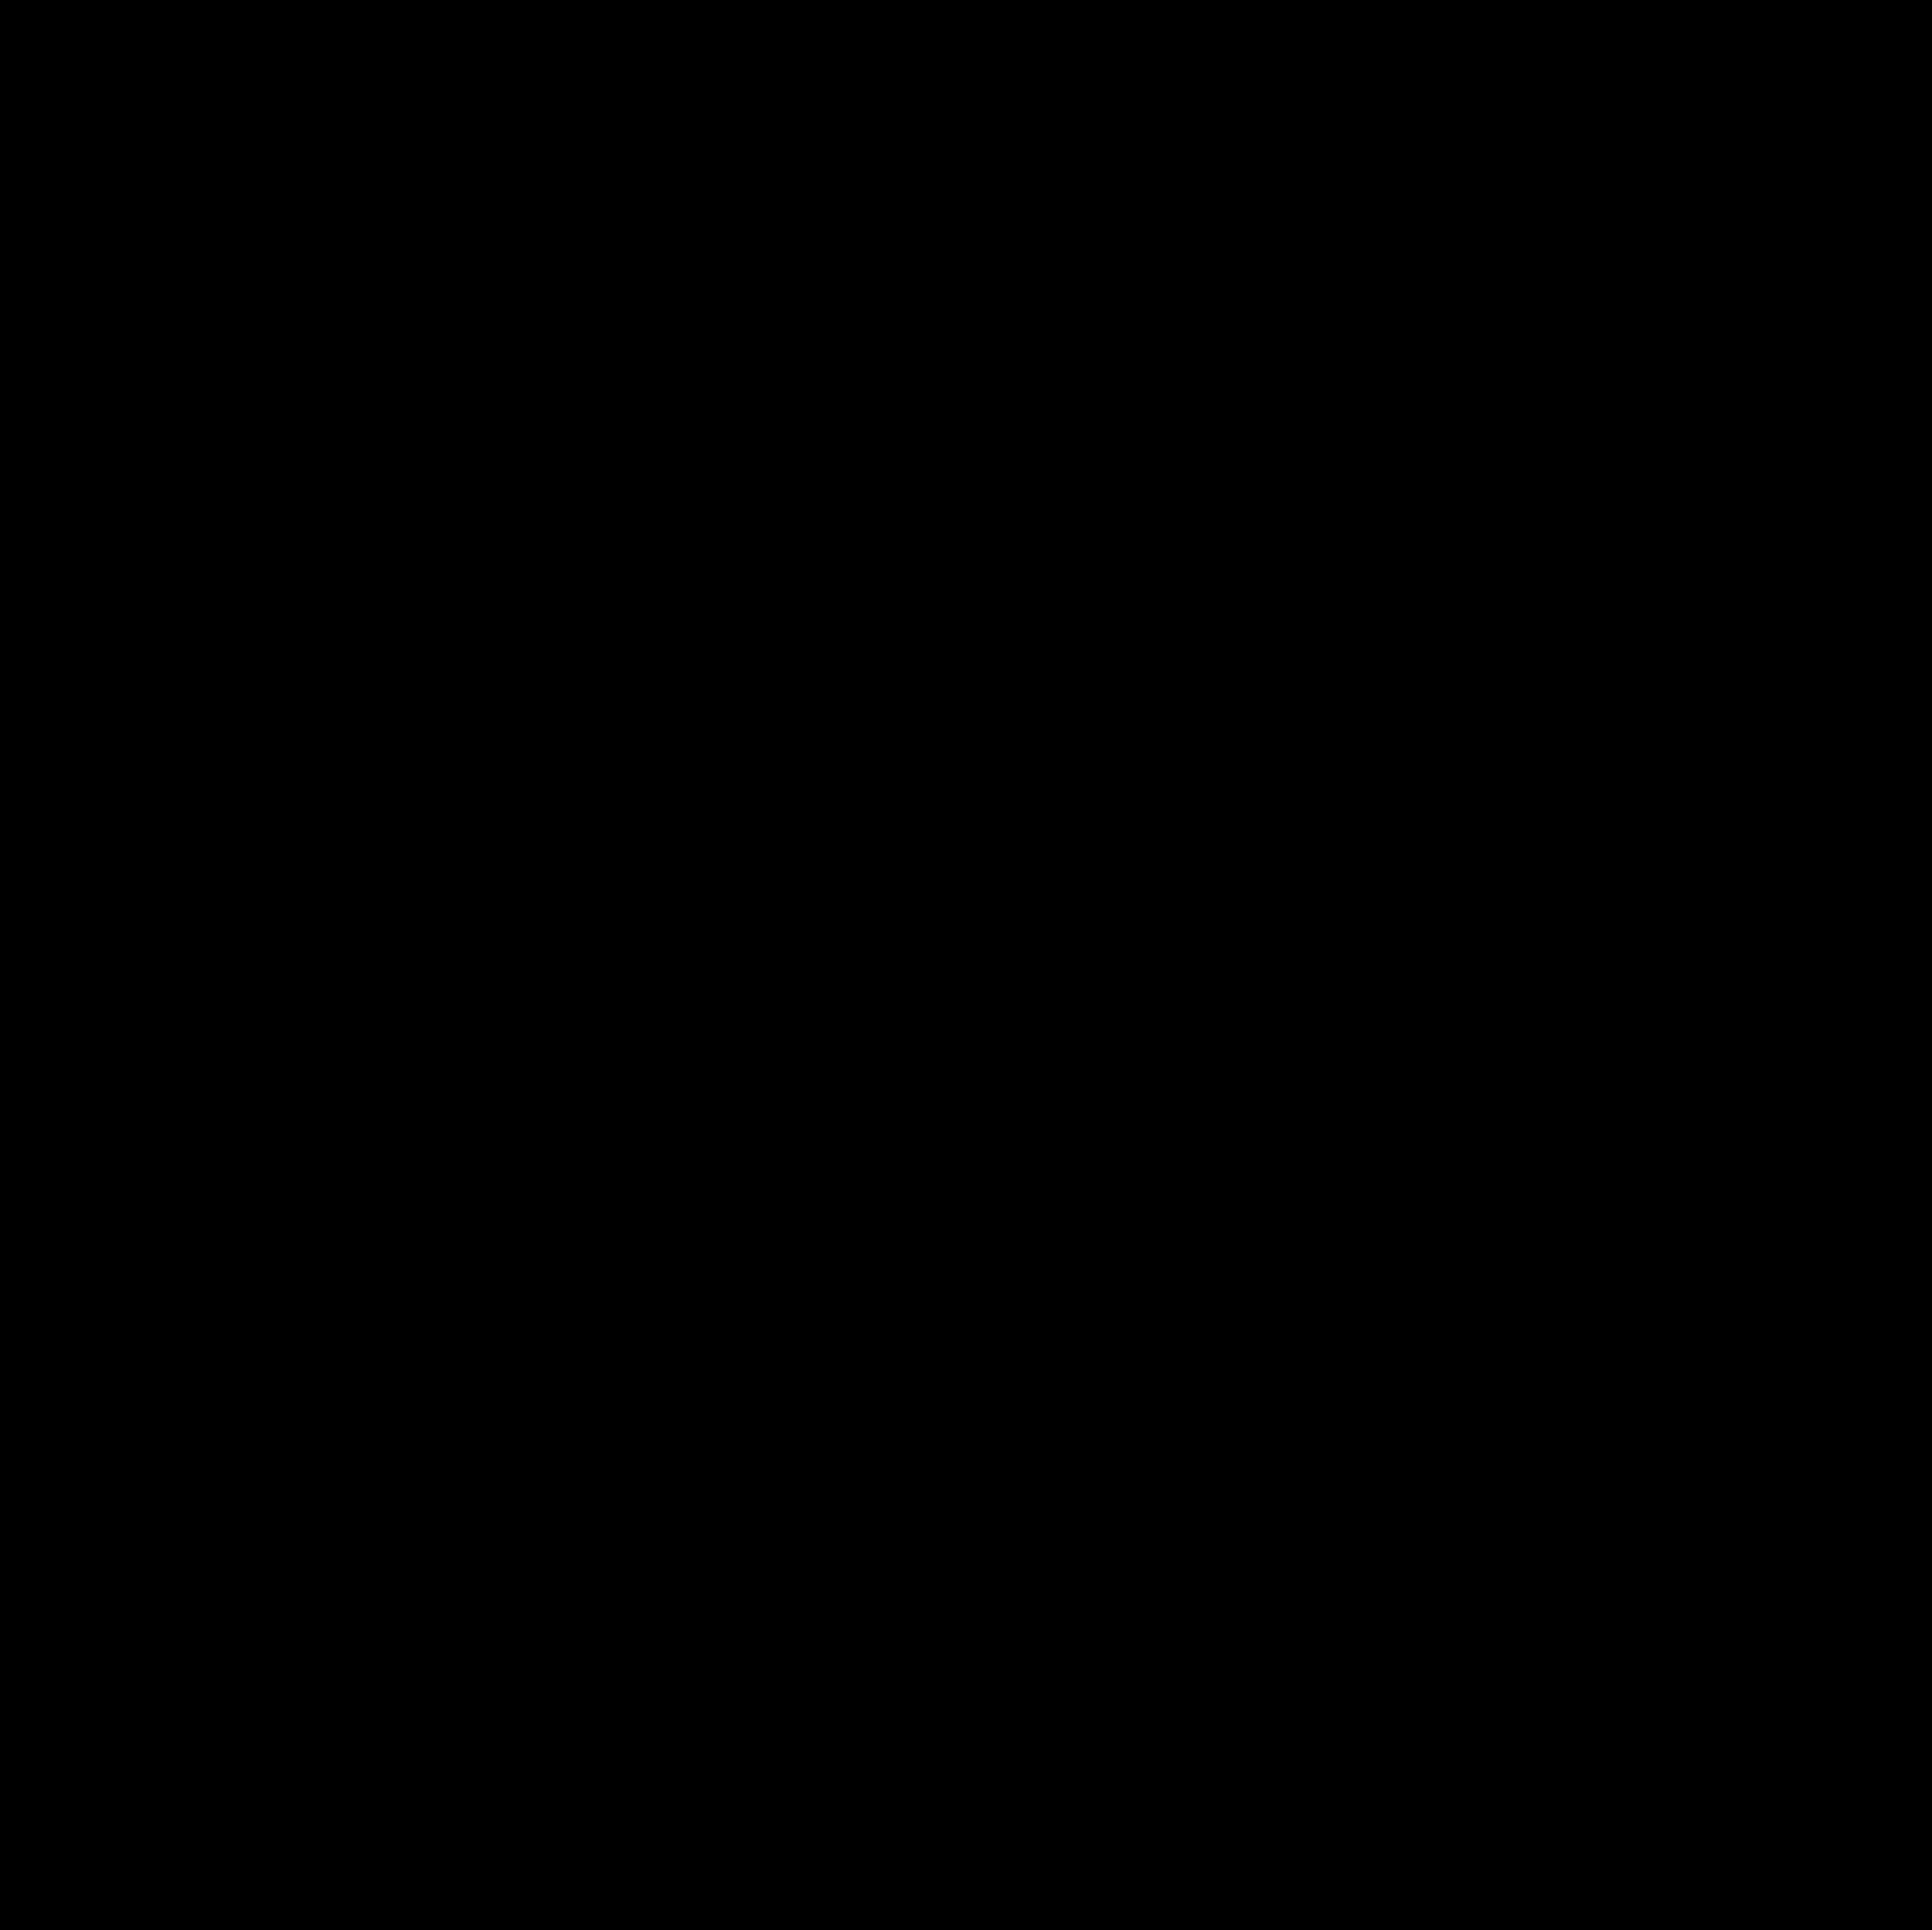 Kinesio-Taping